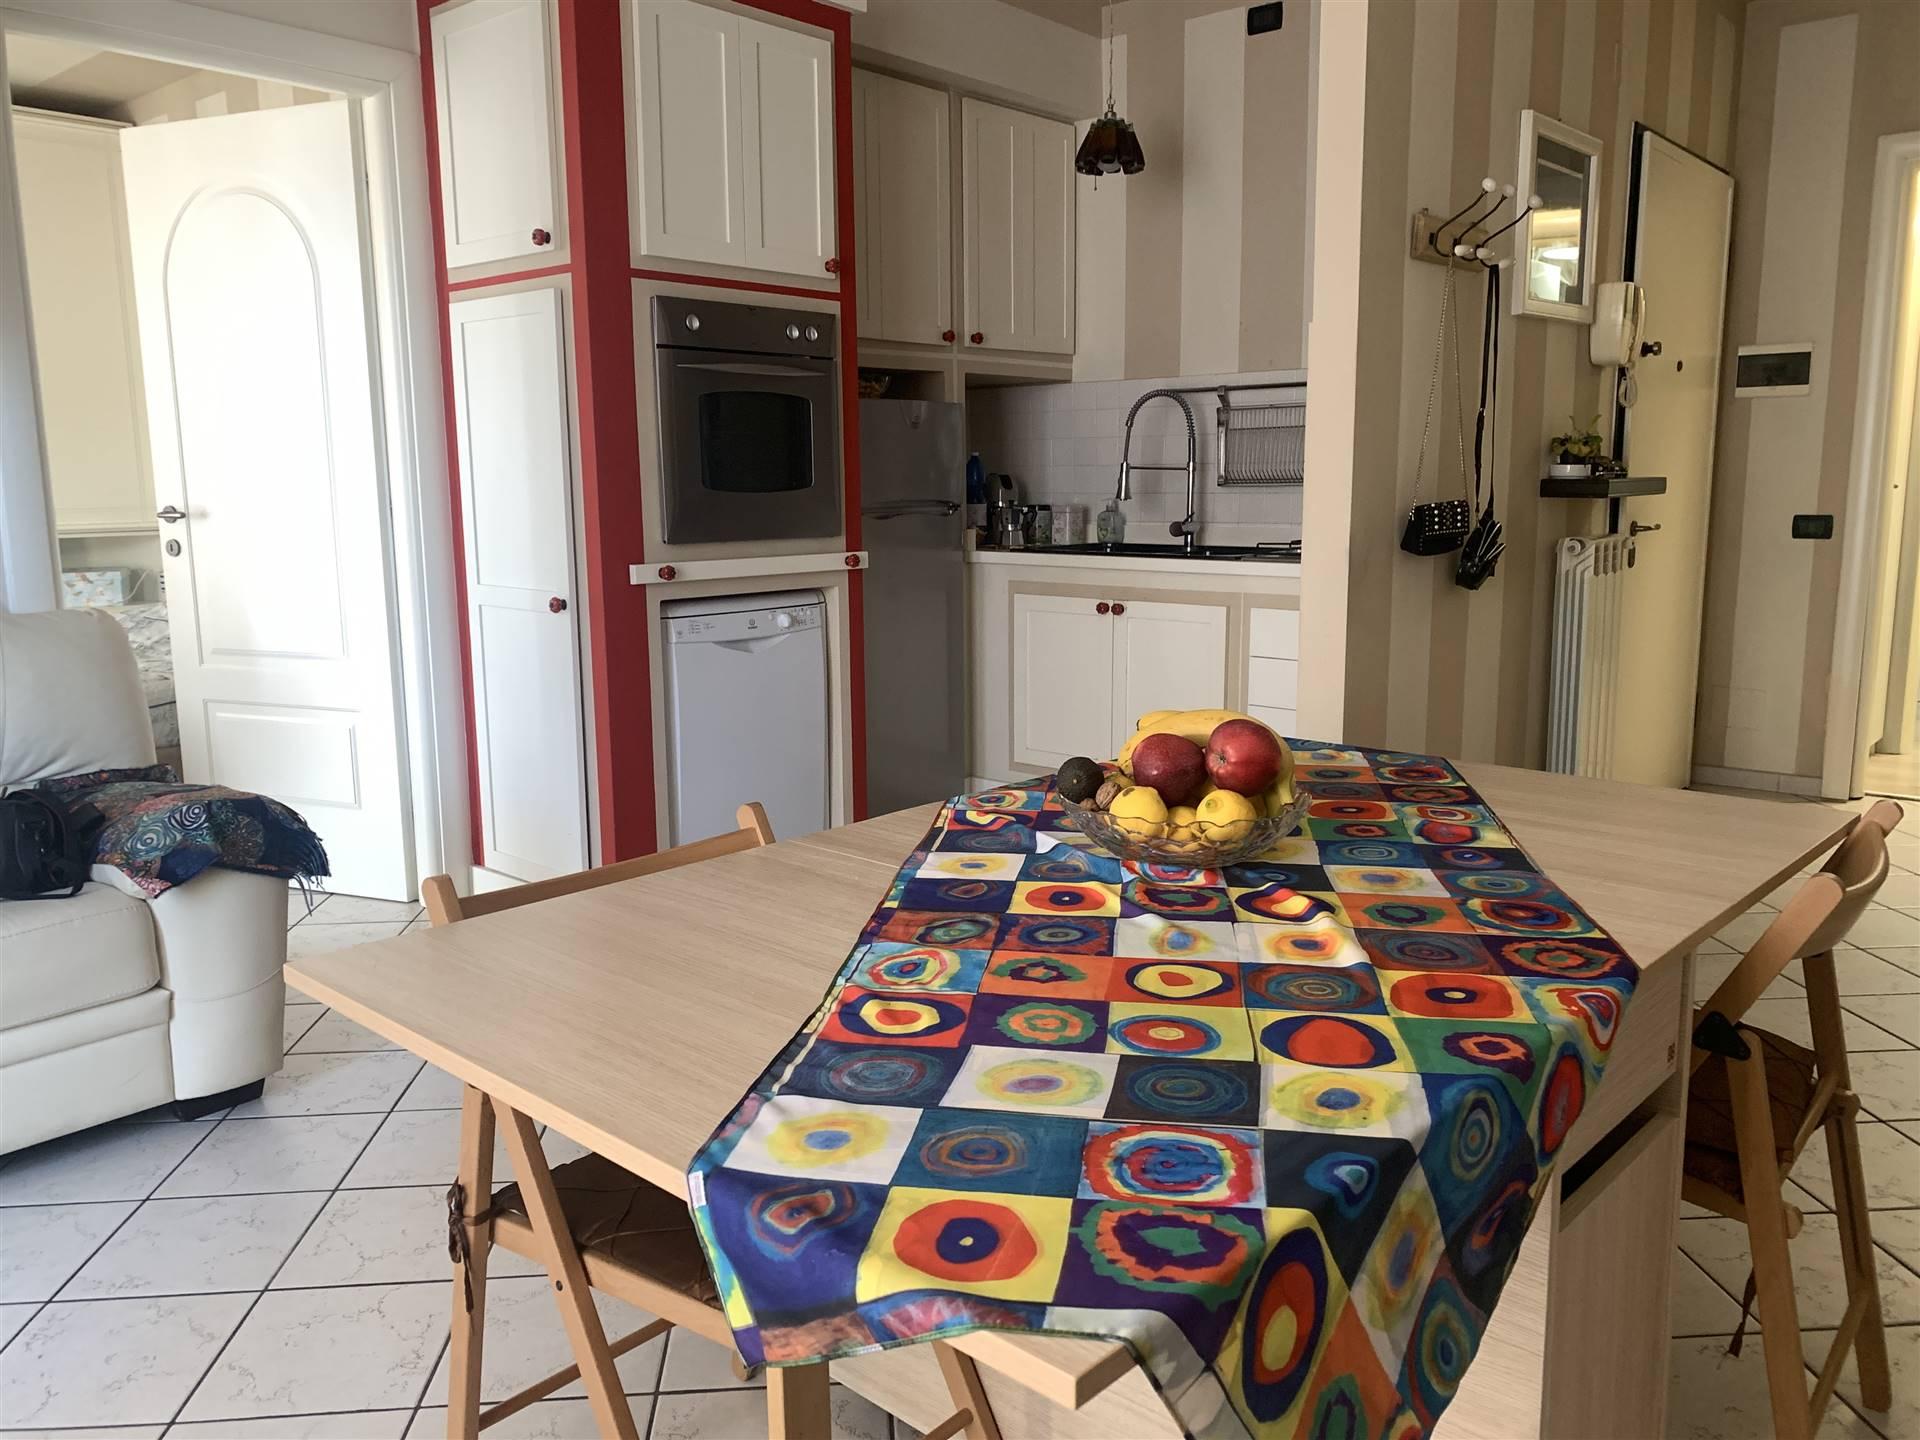 Appartamento in vendita a Novi Ligure, 2 locali, zona Località: MANEGGIO-NITENS, prezzo € 90.000 | PortaleAgenzieImmobiliari.it